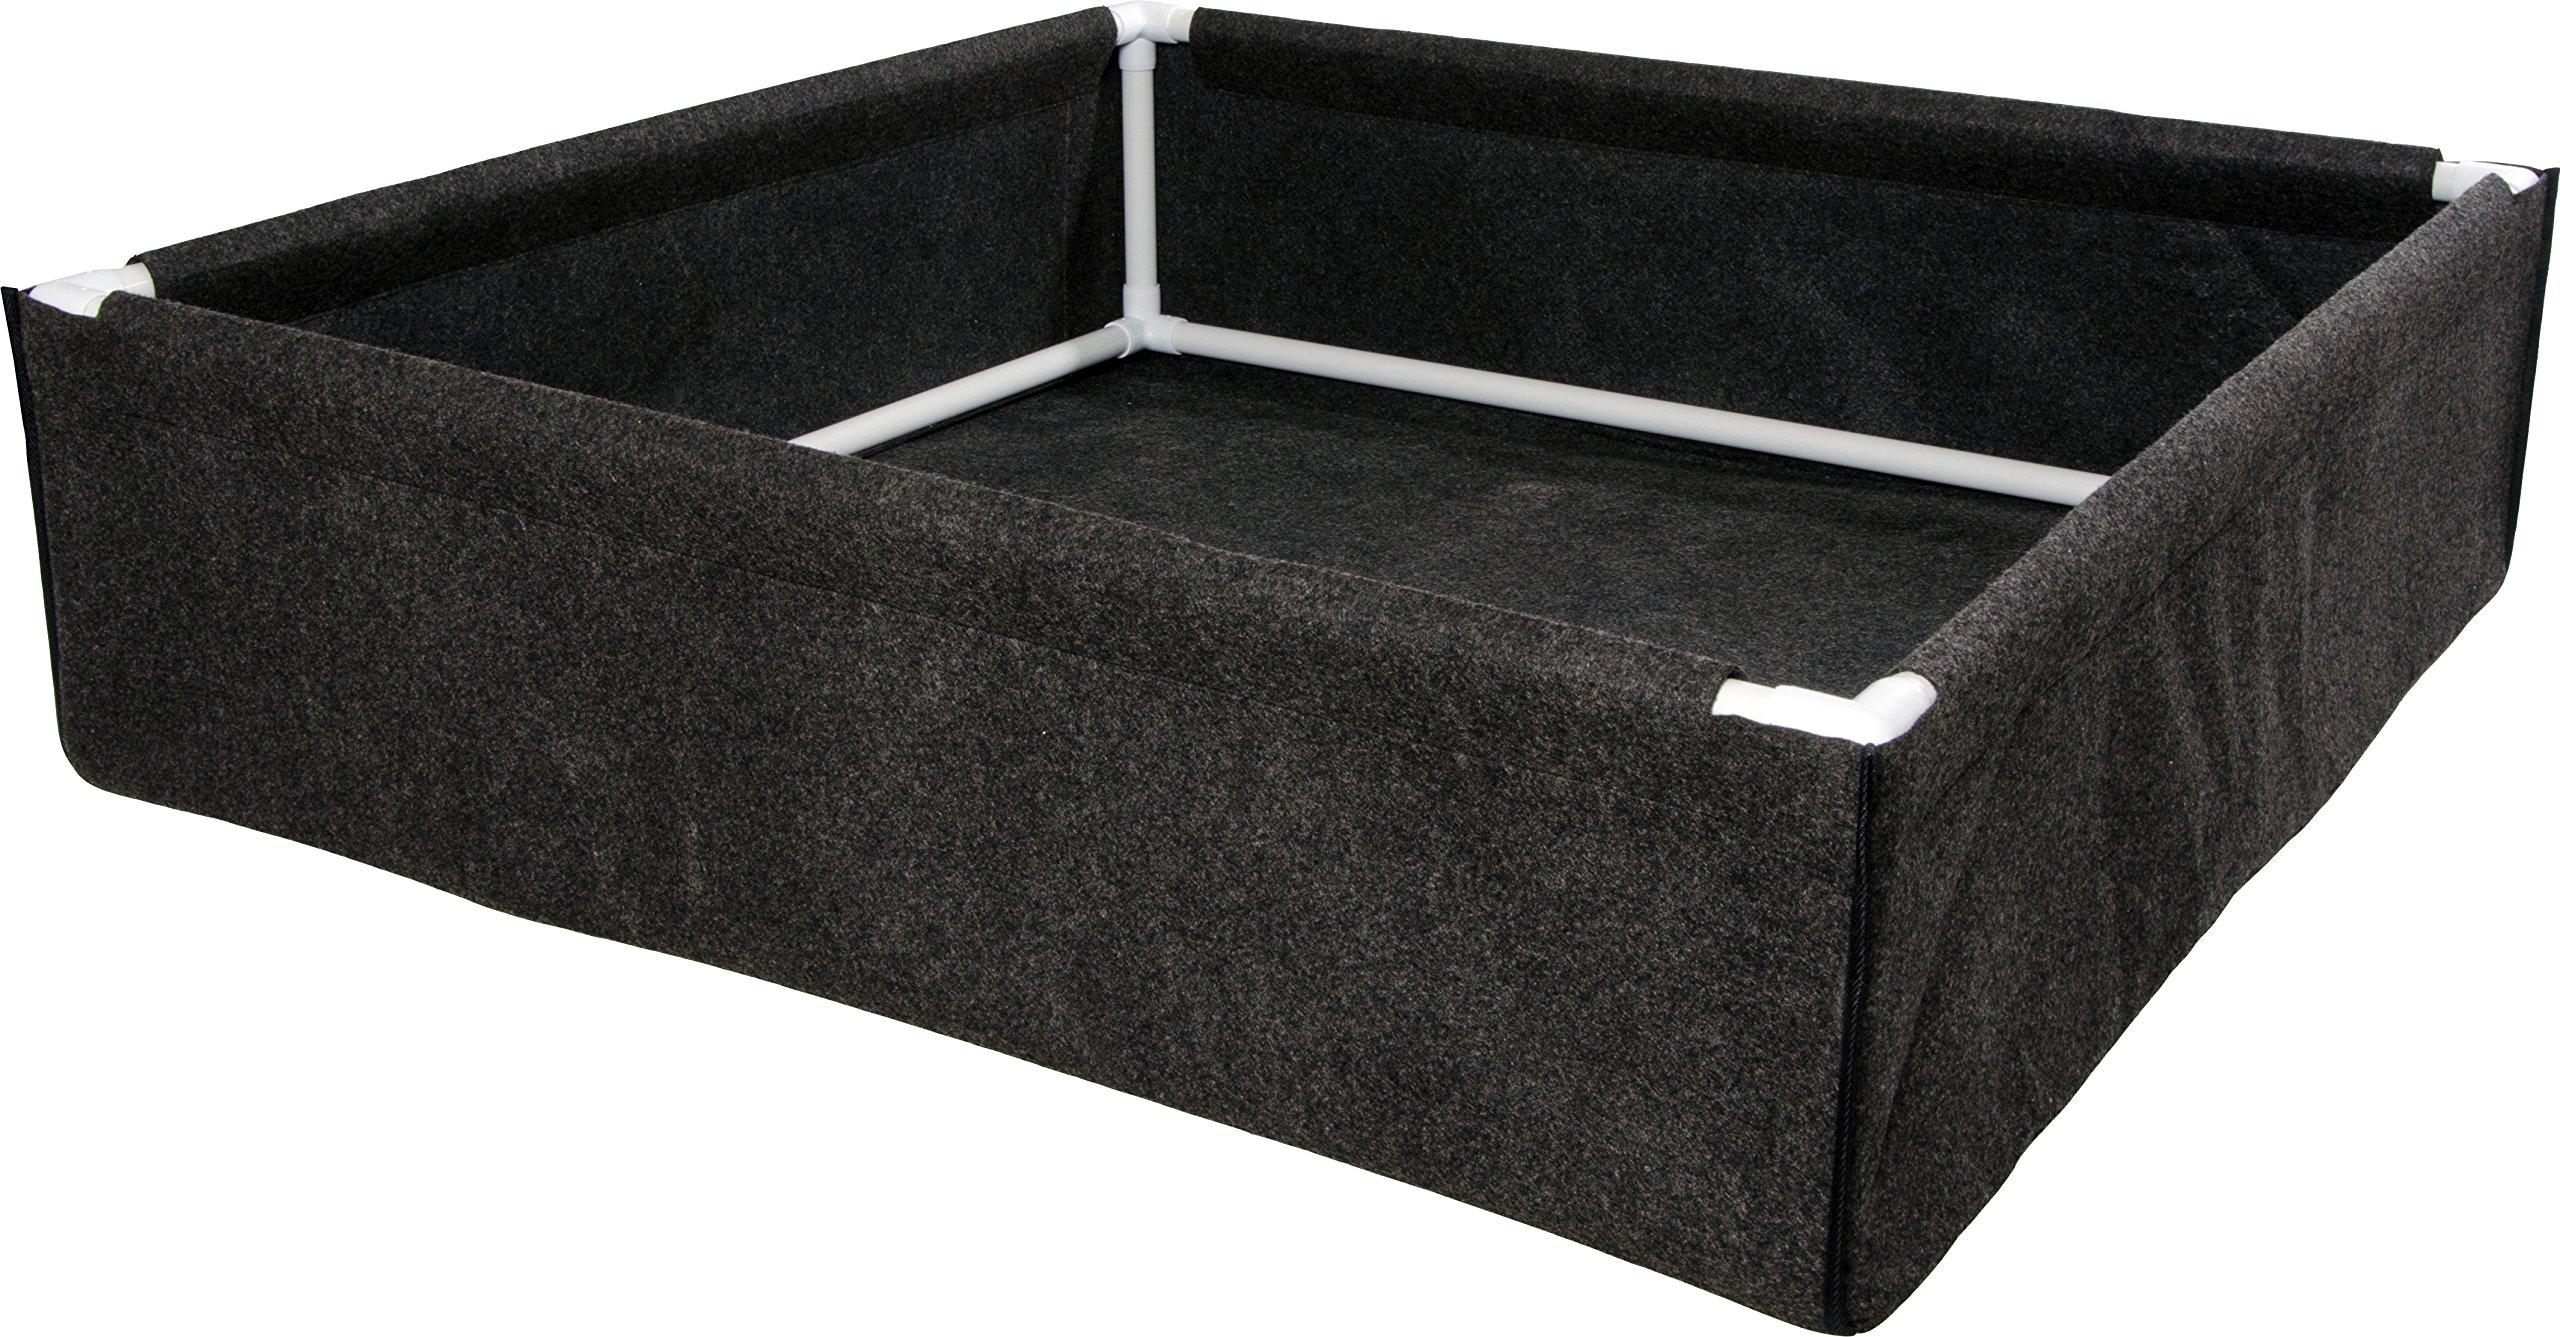 Hydrofarm HGDPB4X4 Dirt Pot Box, 4x4, Black